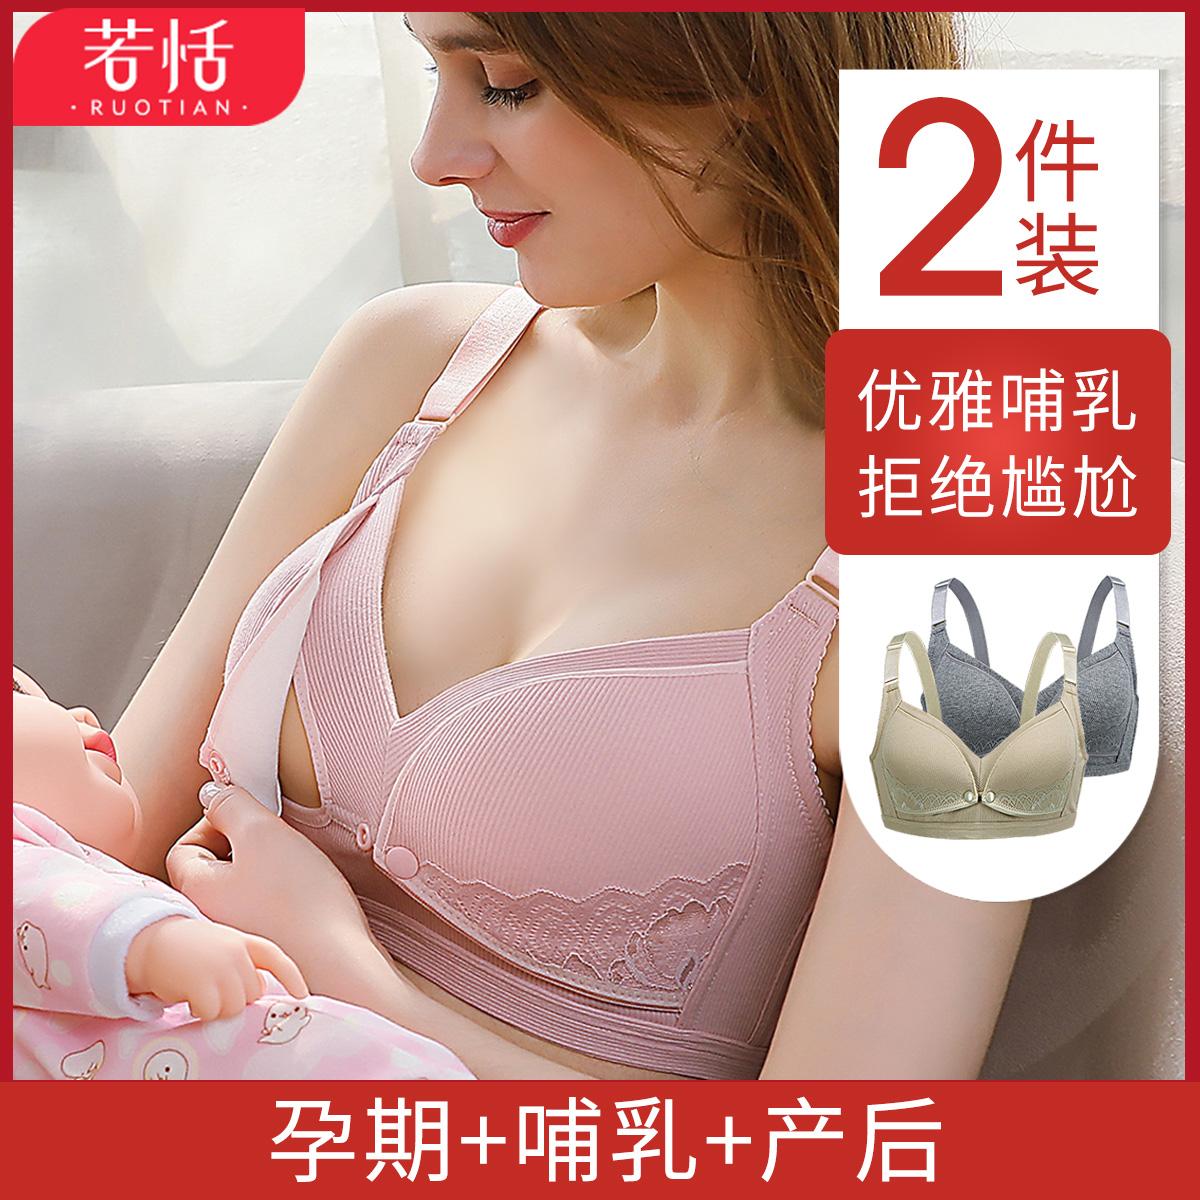 哺乳内衣女孕妇文胸聚拢防下垂怀孕期超薄款喂奶胸罩纯棉产后夏季